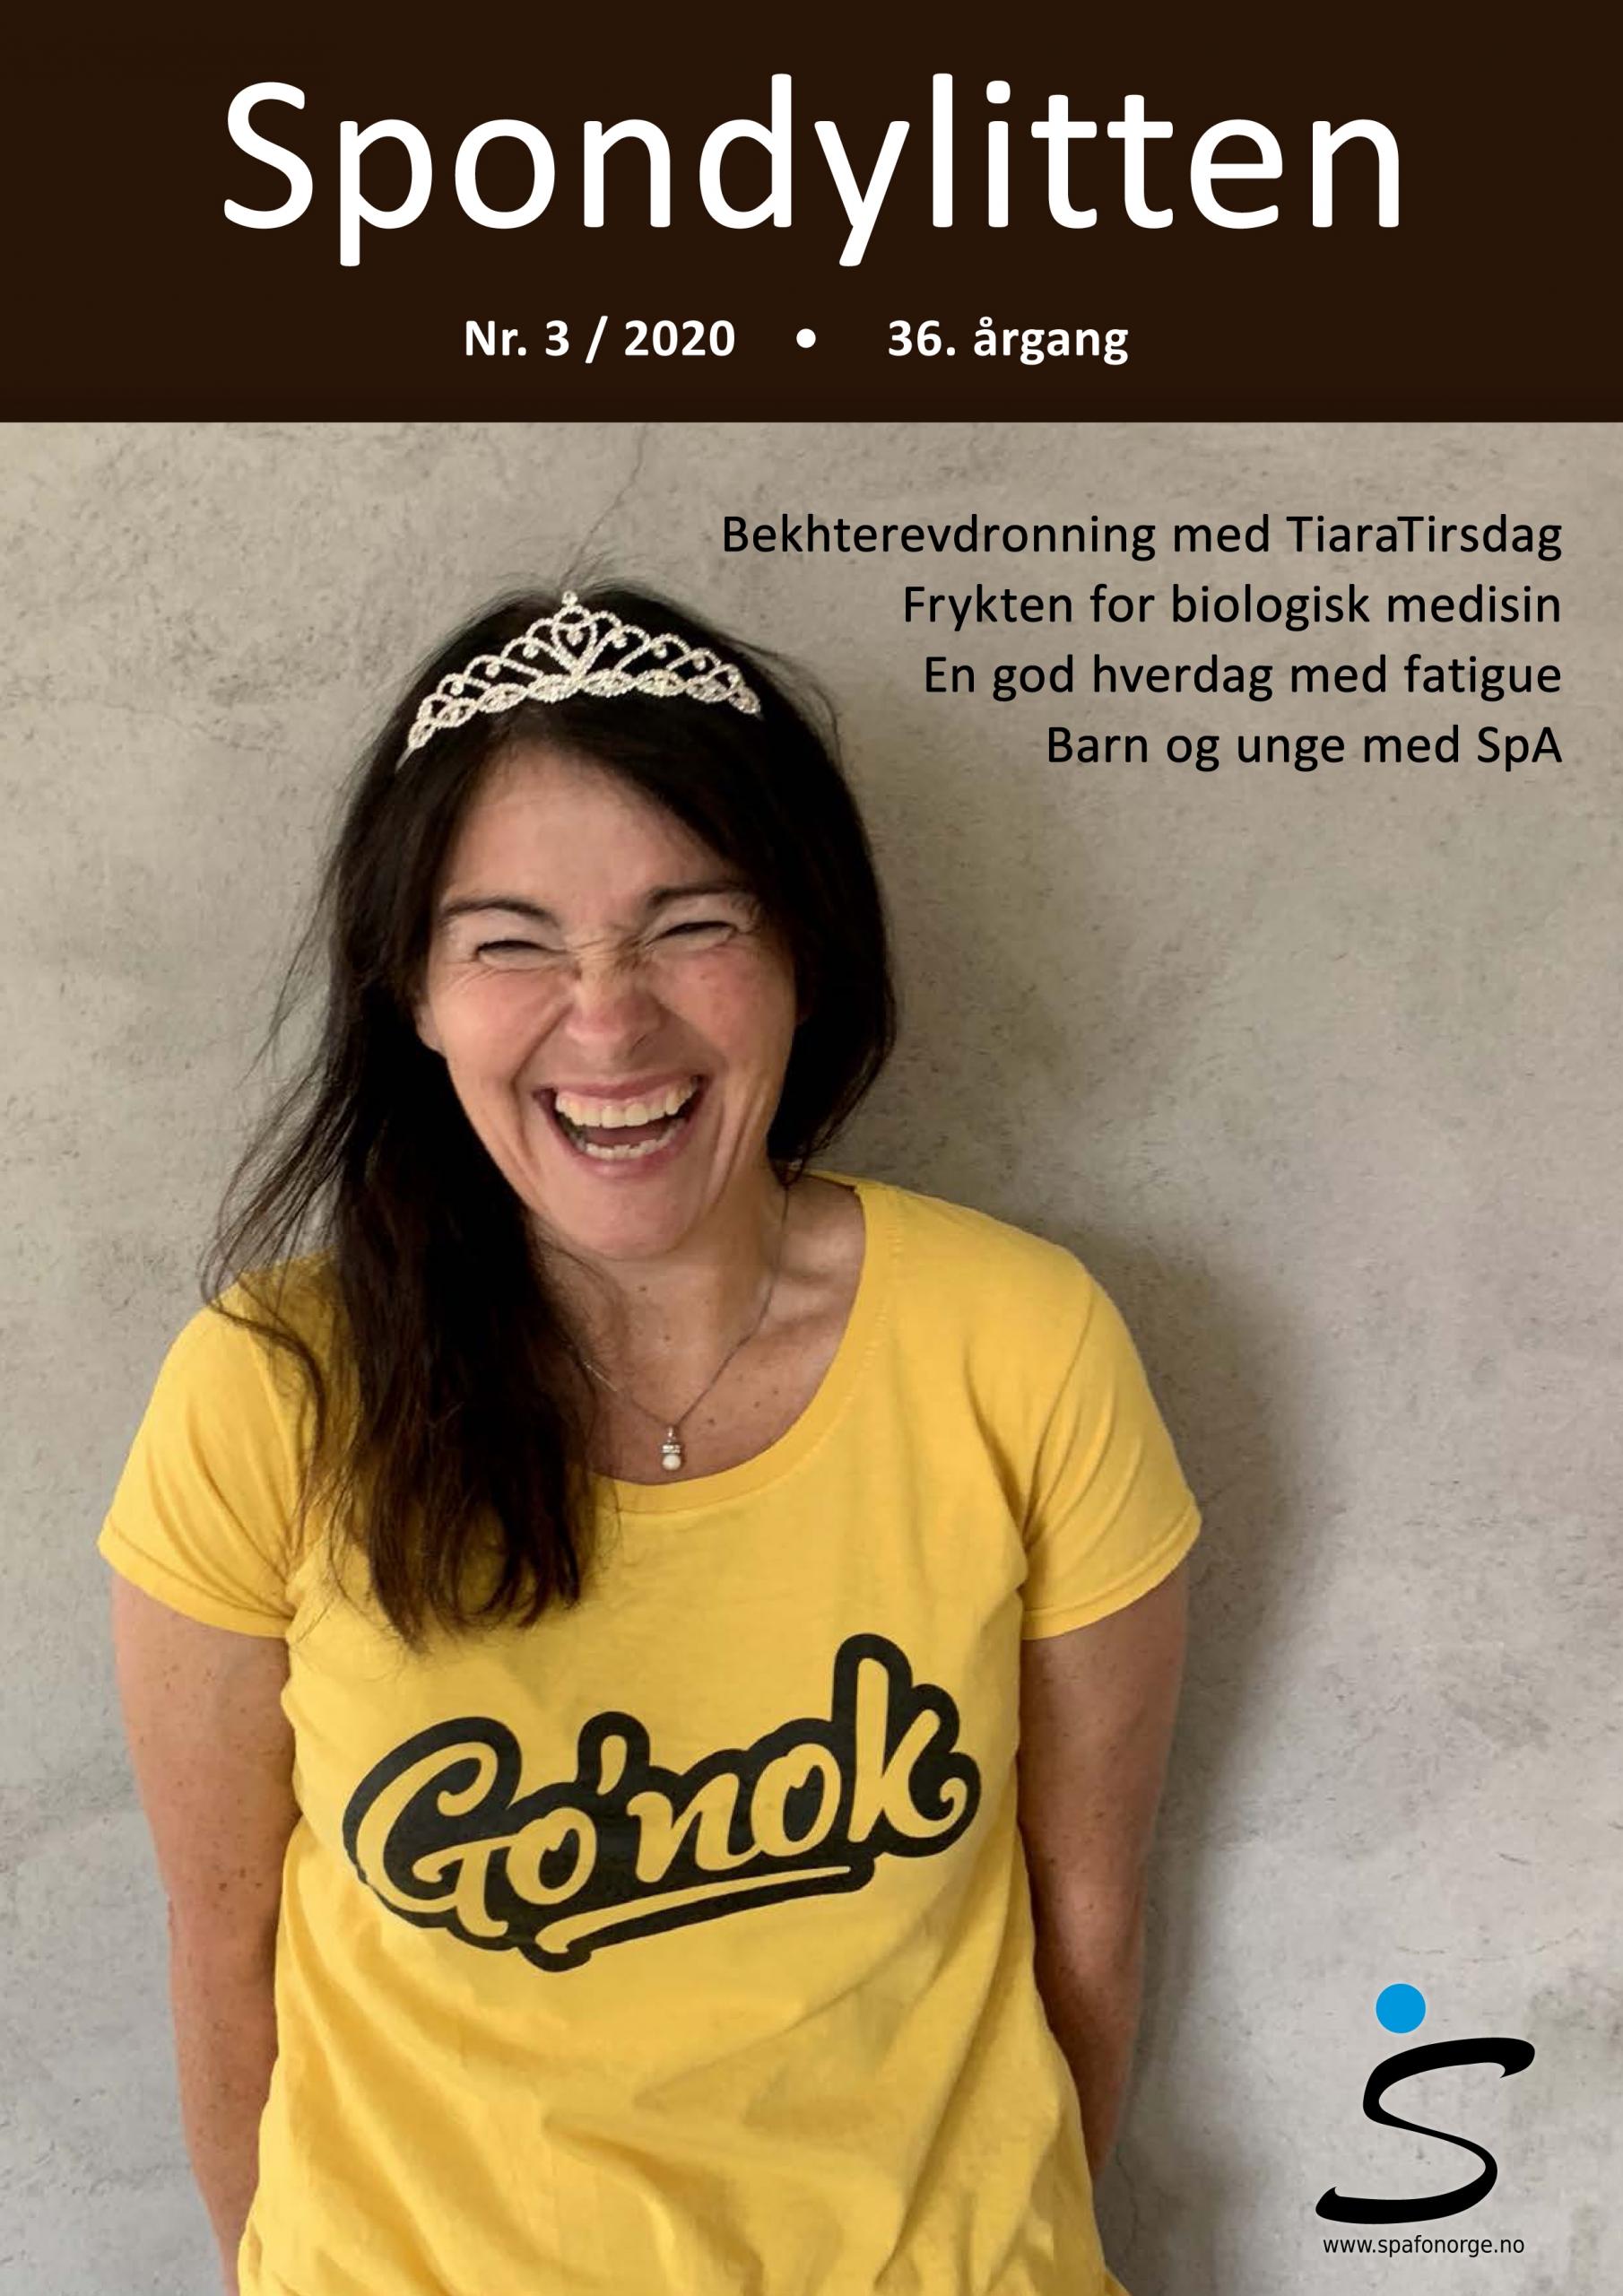 Forsiden til Spondylitten 3-20, kvinne med tiara, gul genser med teksten Go'nok som ler hjertelig